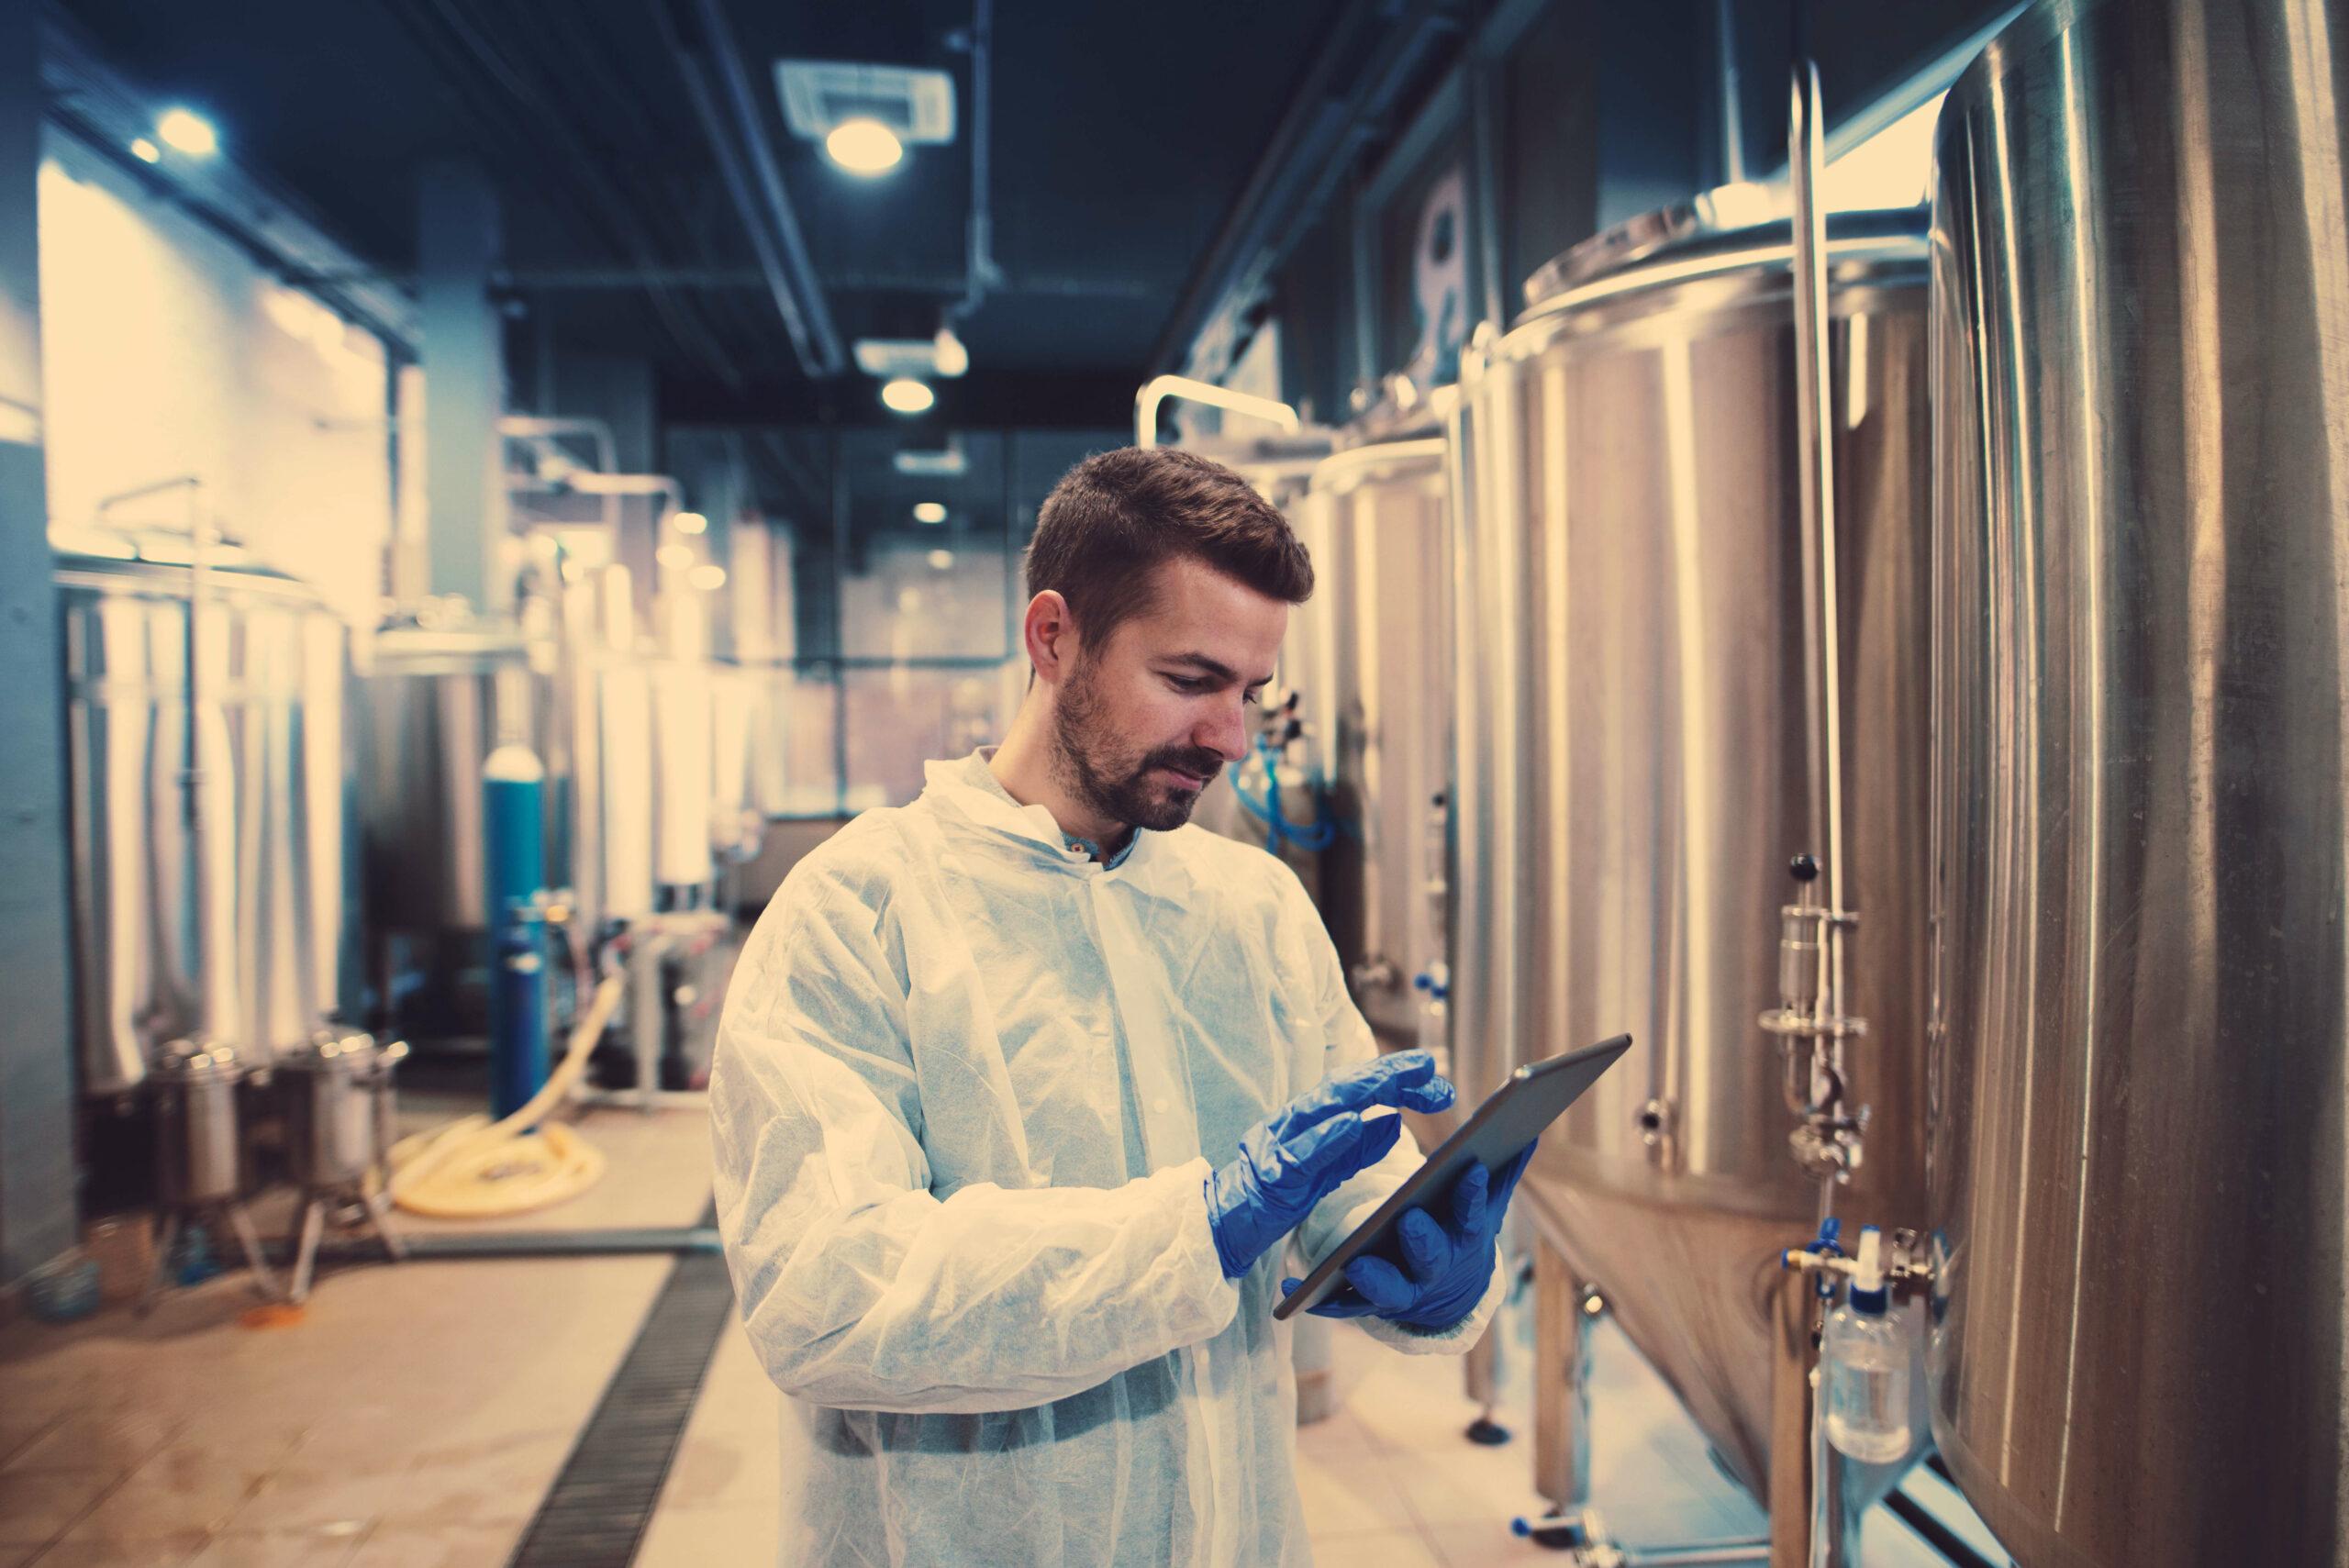 Application mobile inspection industrielle : le choix en 5 étapes - Simesys